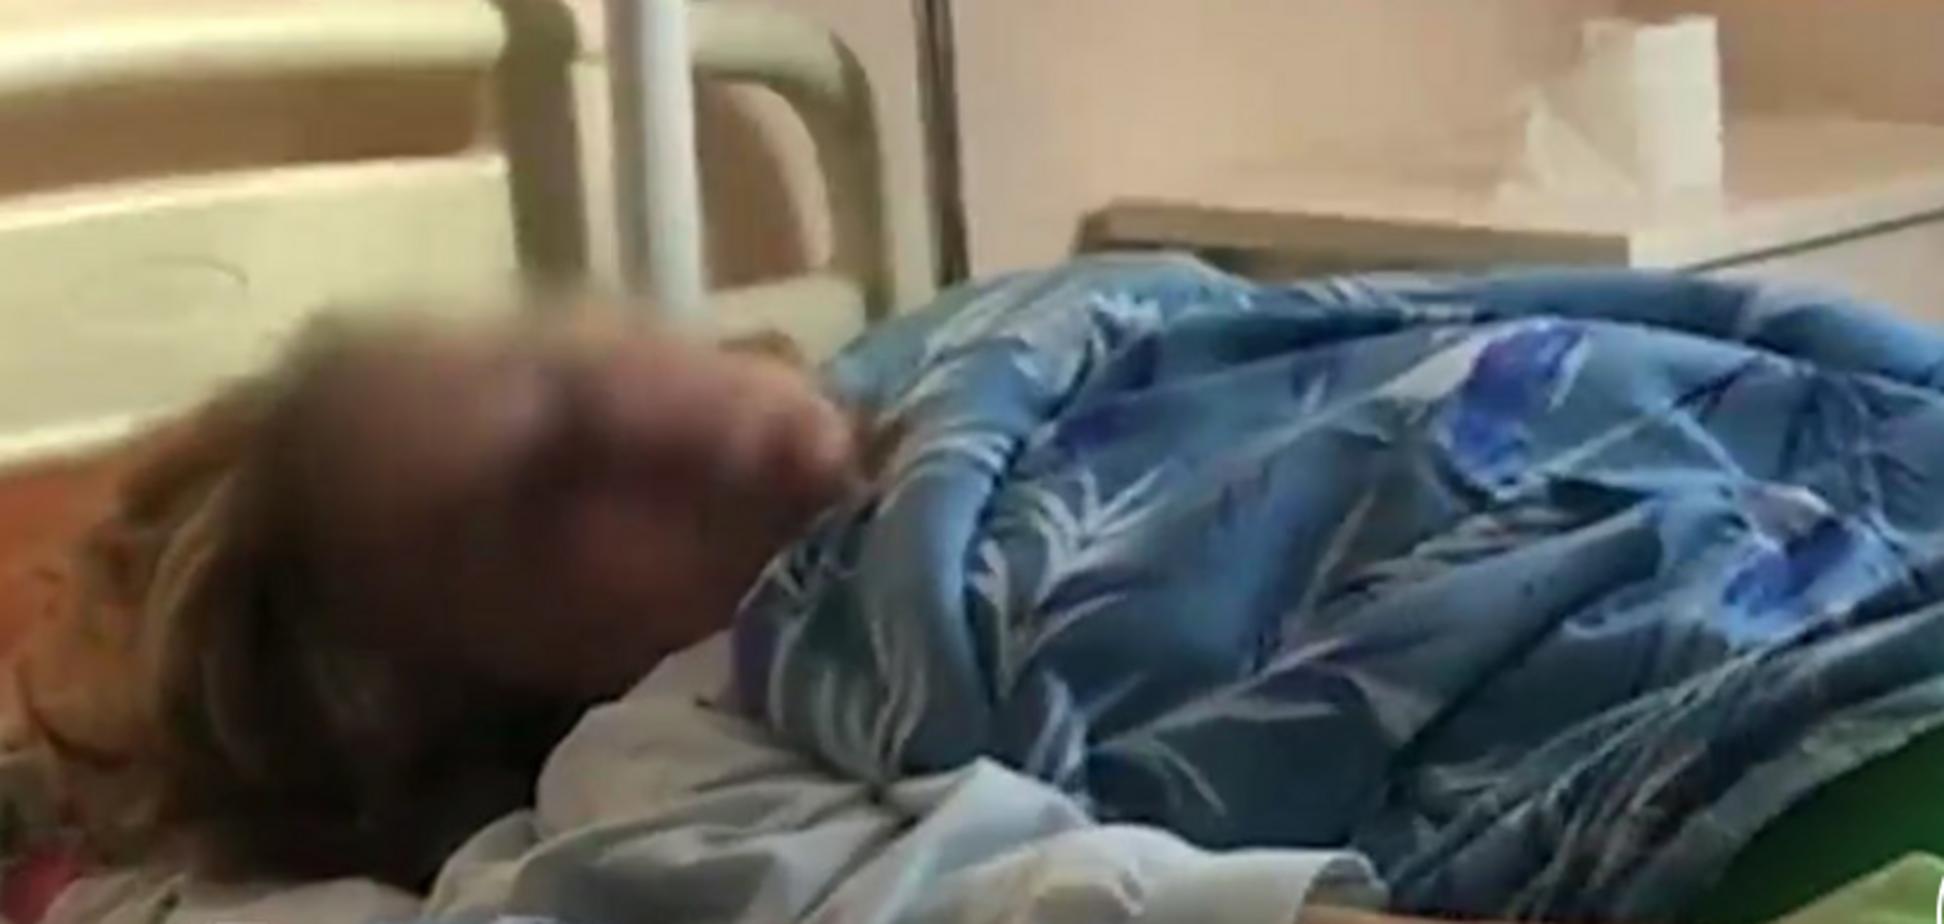 Діставали болти і цвяхи: з'явилися моторошні подробиці про поранених після бійні у Керчі